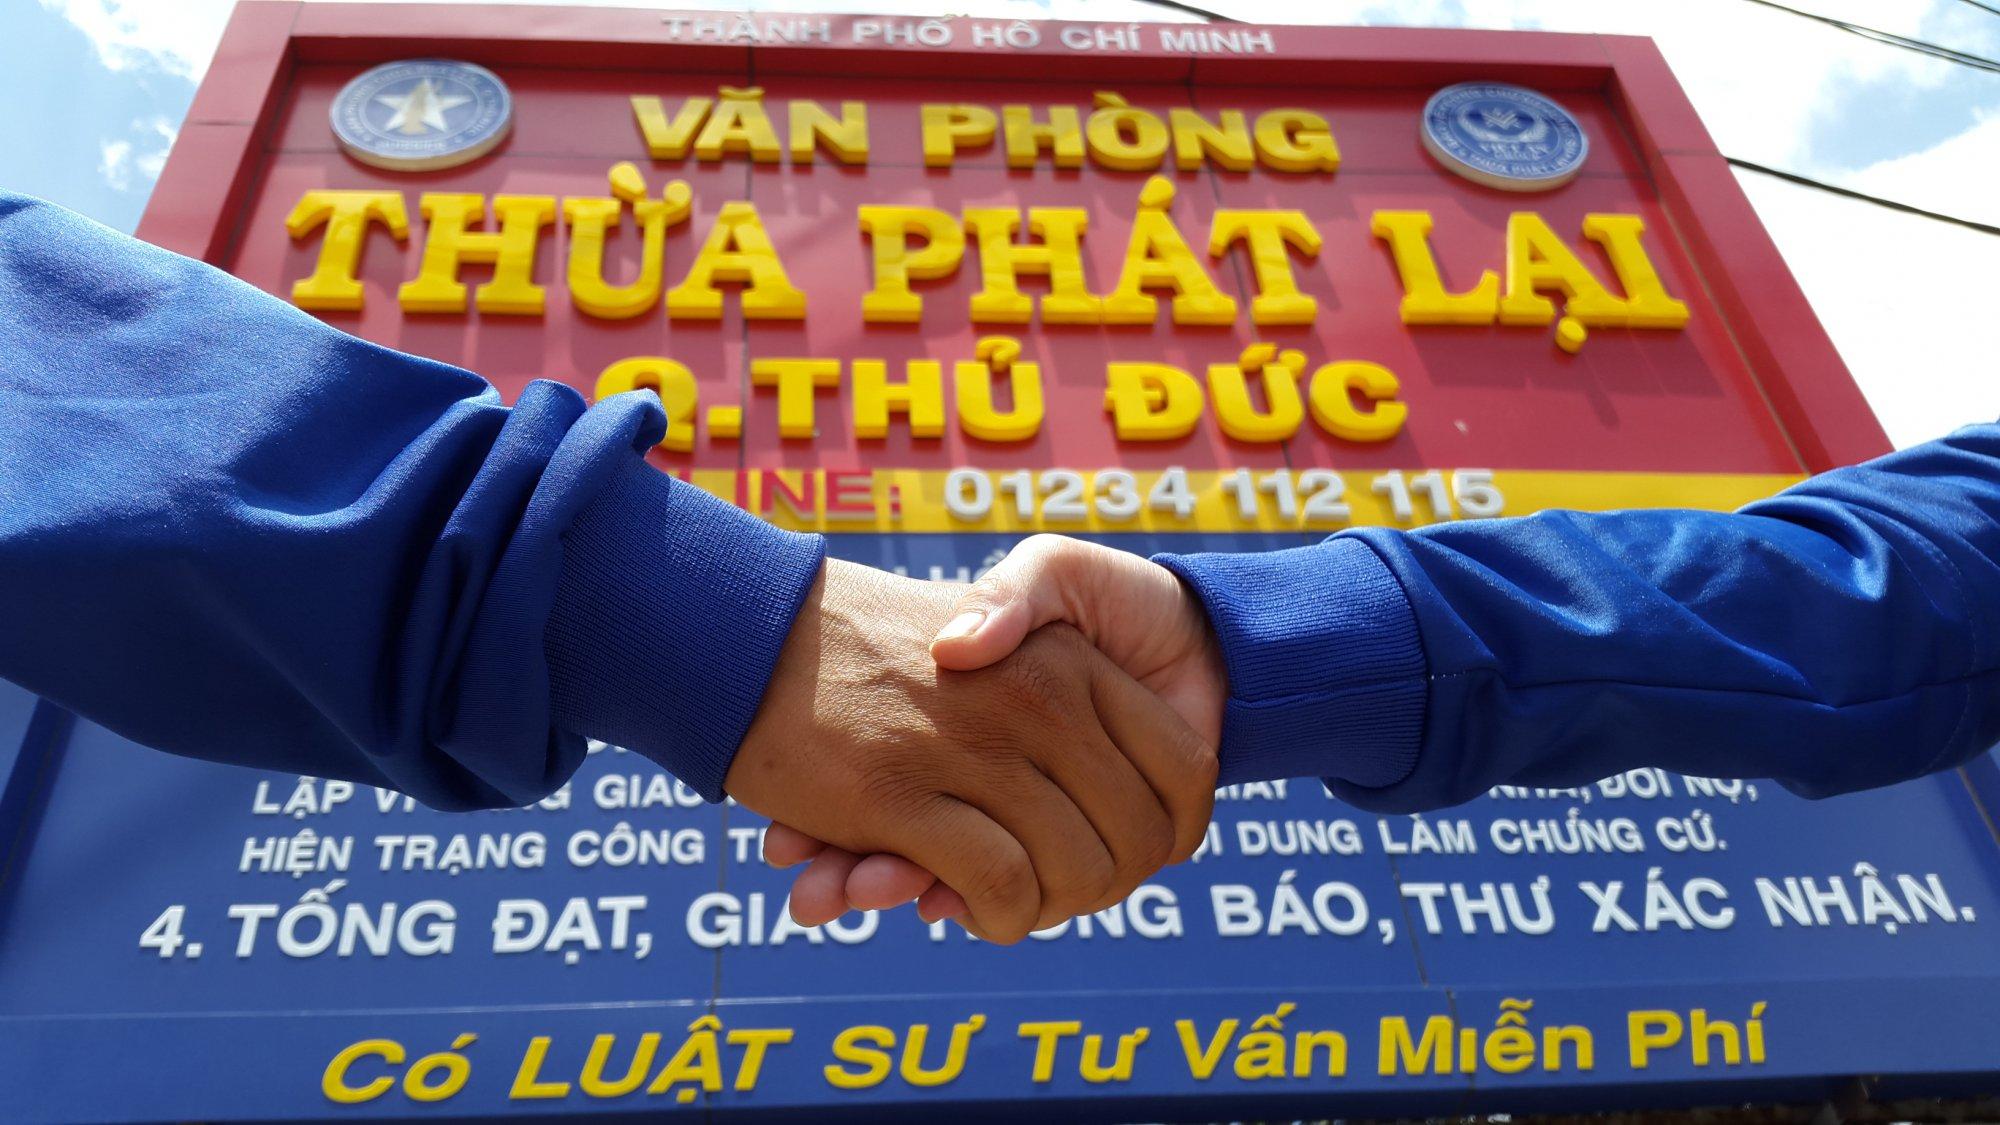 su-kien-cong-tac-vien-thua-phat-lai-thu-duc